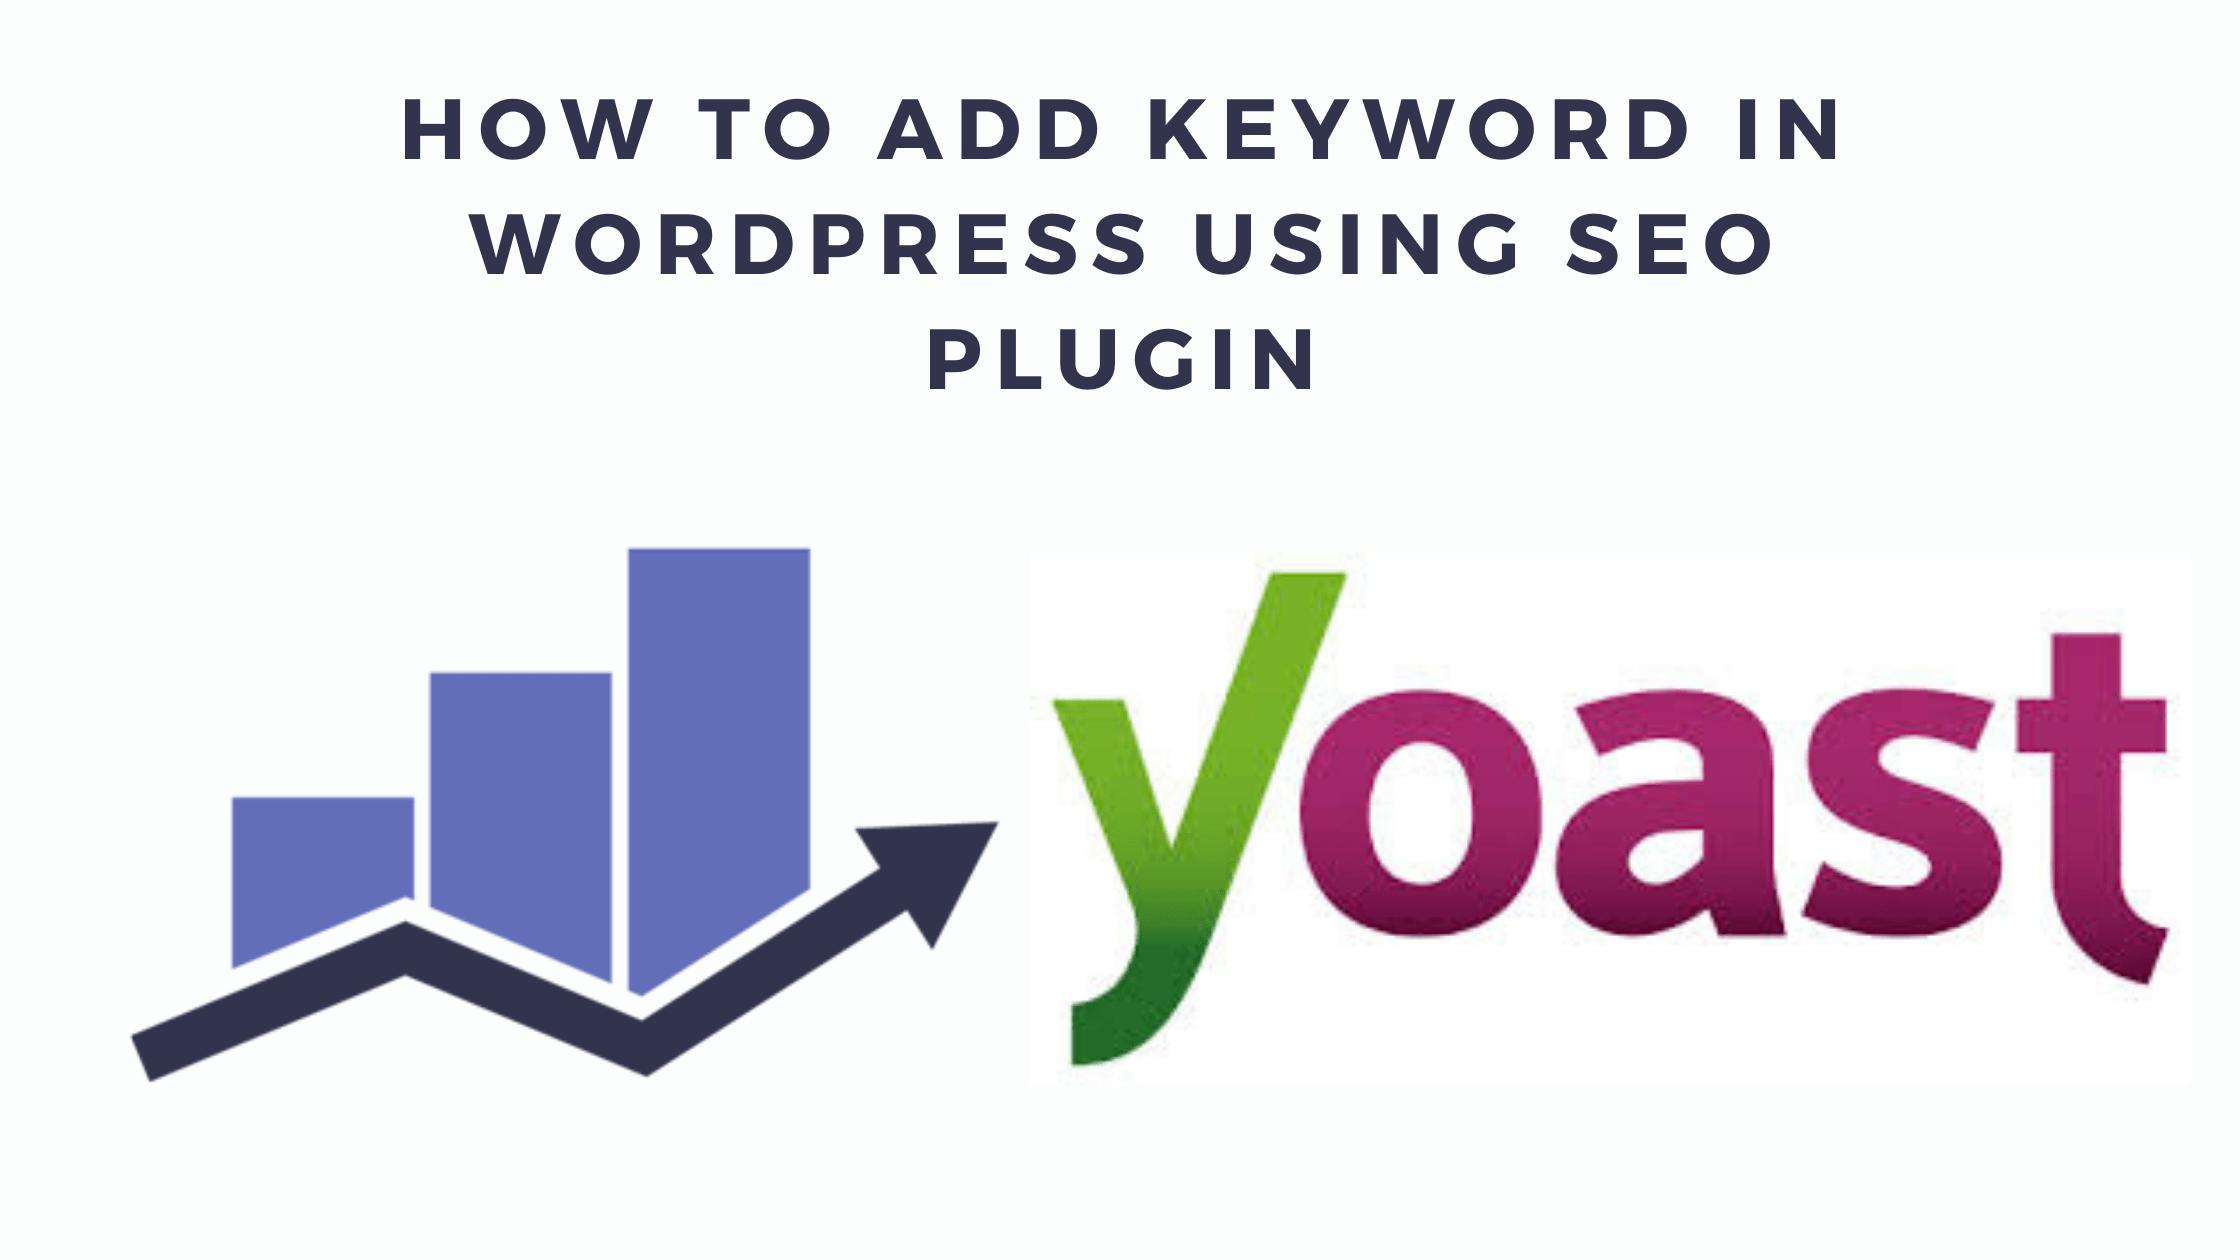 How to Add Keywords to WordPress